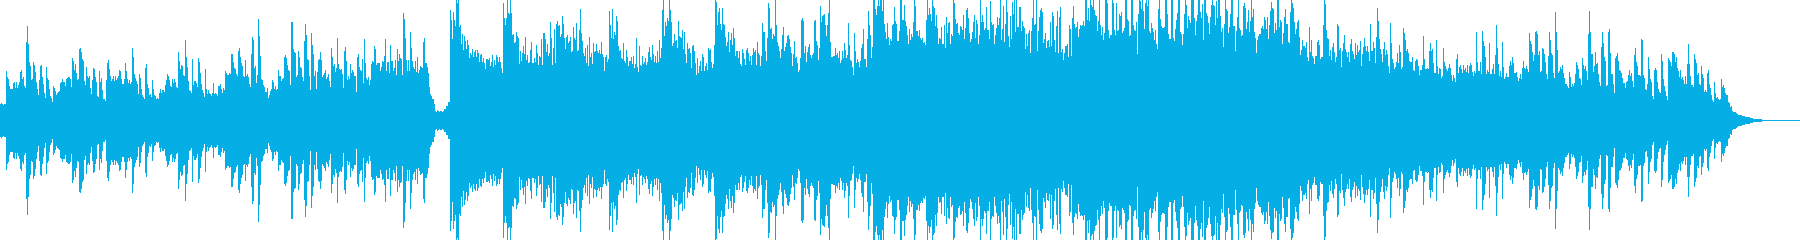 現代の交響曲 劇的な 感情的 バラ...の再生済みの波形